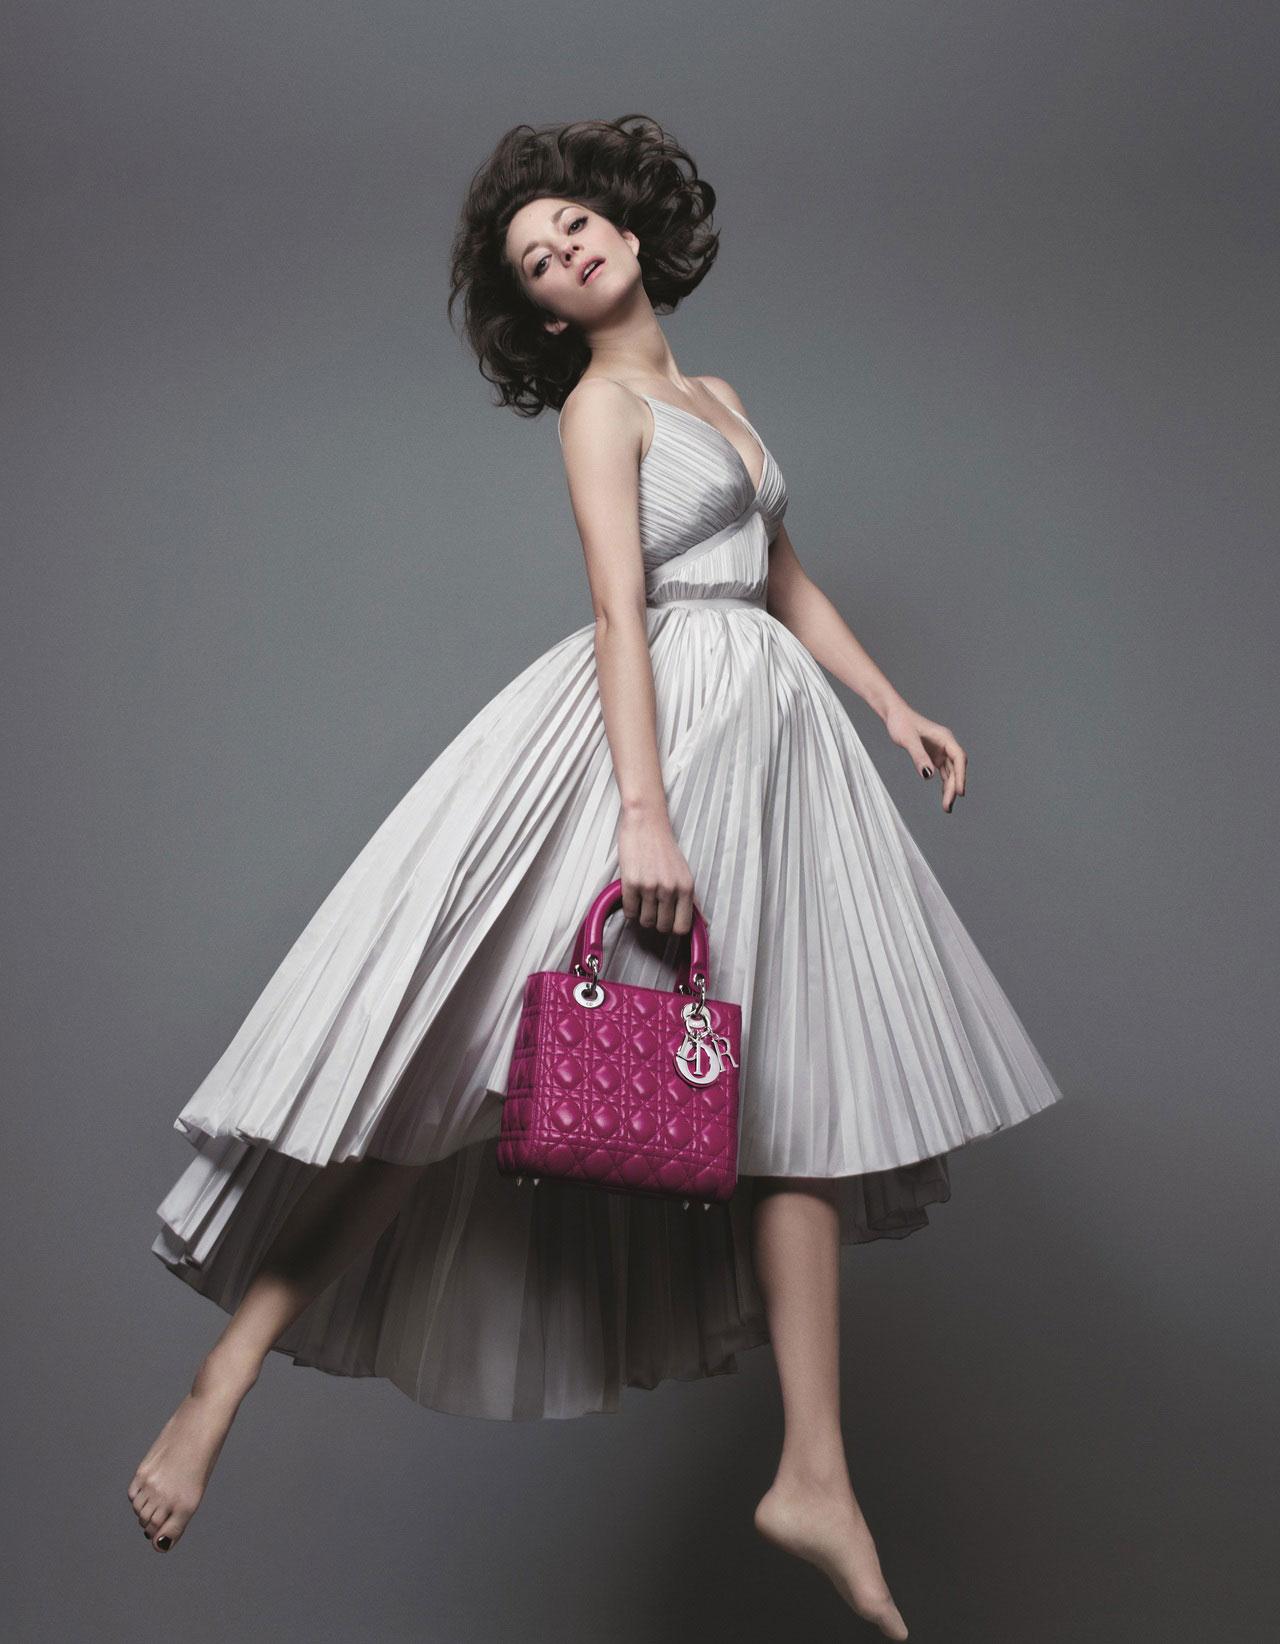 Marion-Cotillard-Lady-Dior-Pre-Fall-2014-Campaign-Tom-Lorenzo-Site-TLO (1)